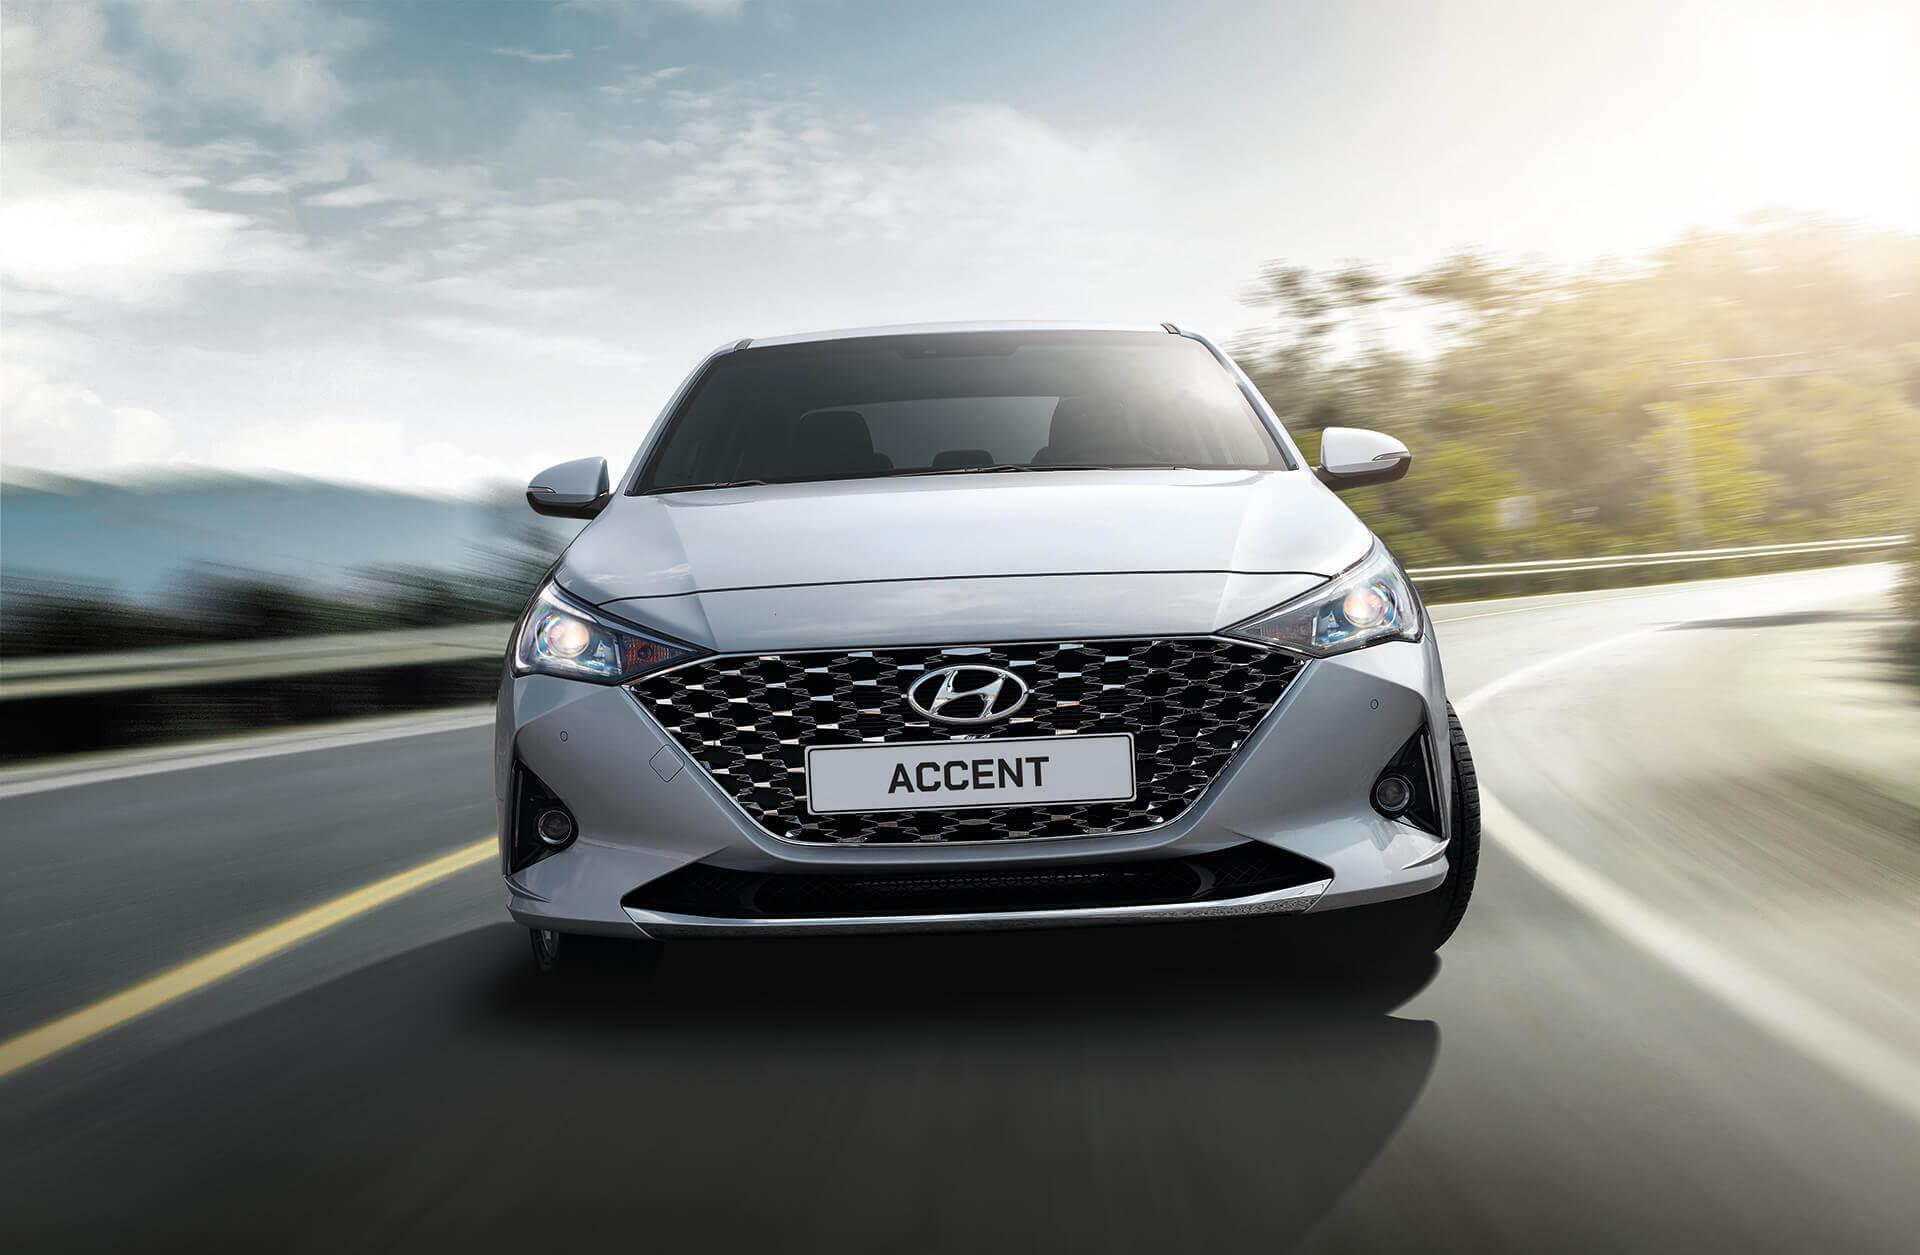 Giá bảo hiểm thân vỏ ô tô Hyundai accent